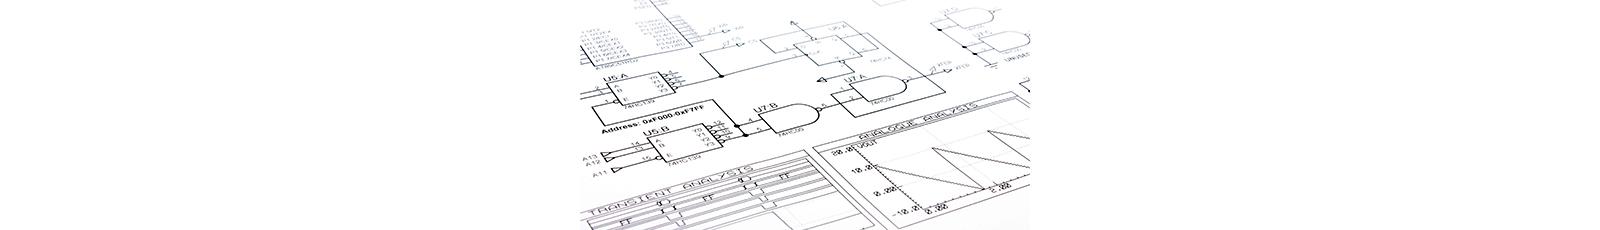 slider-schematic